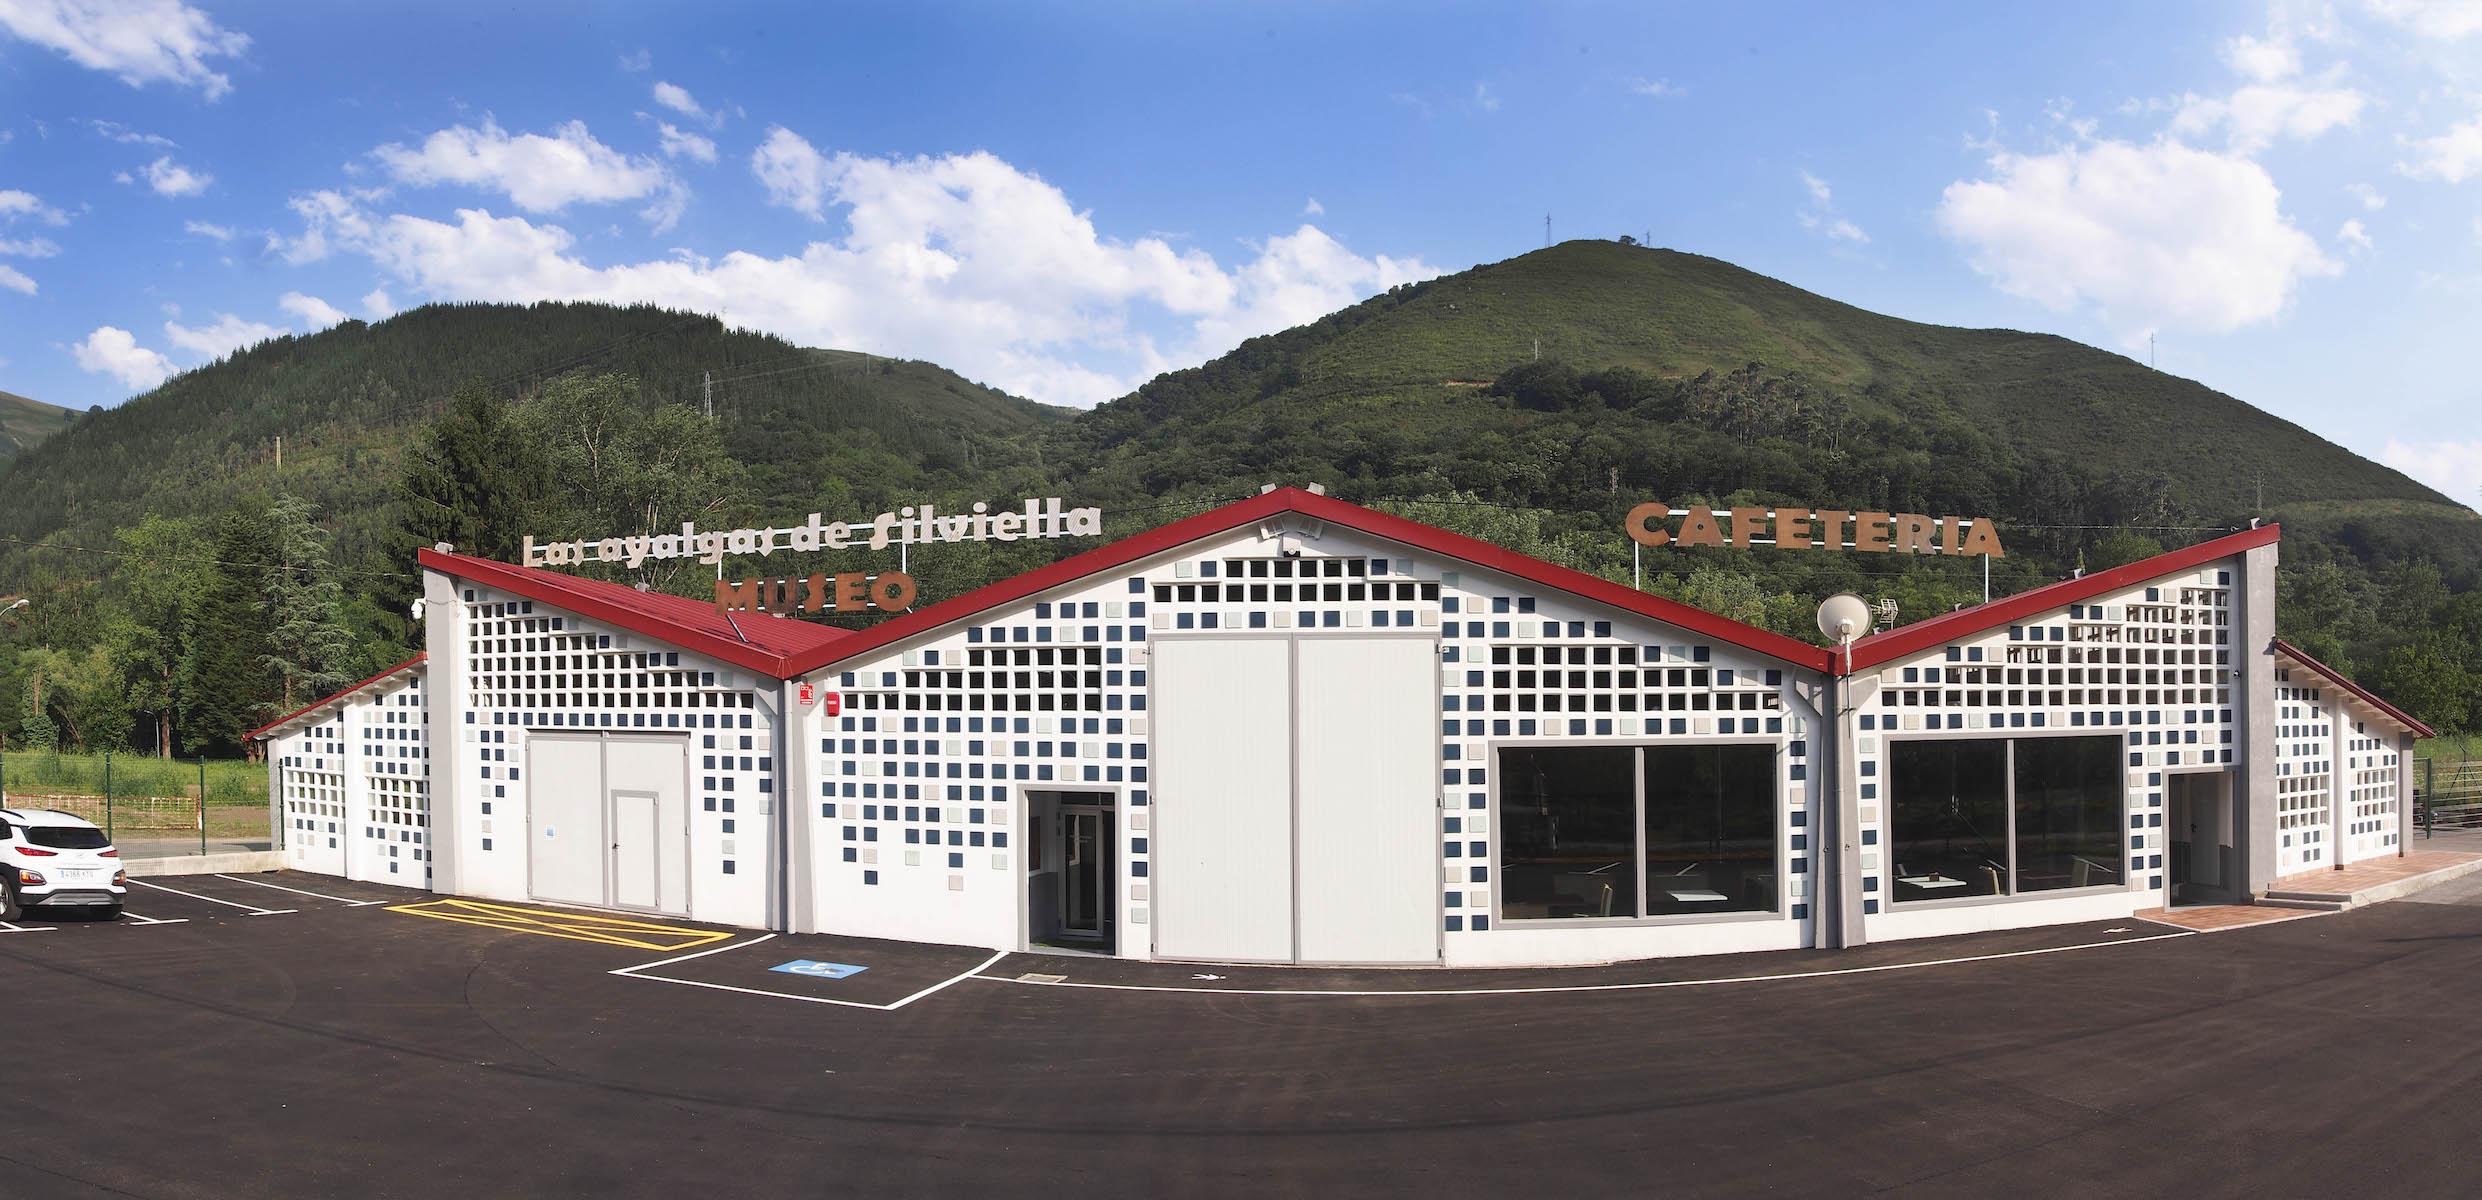 Museo Las Ayalgas abre sus puertas